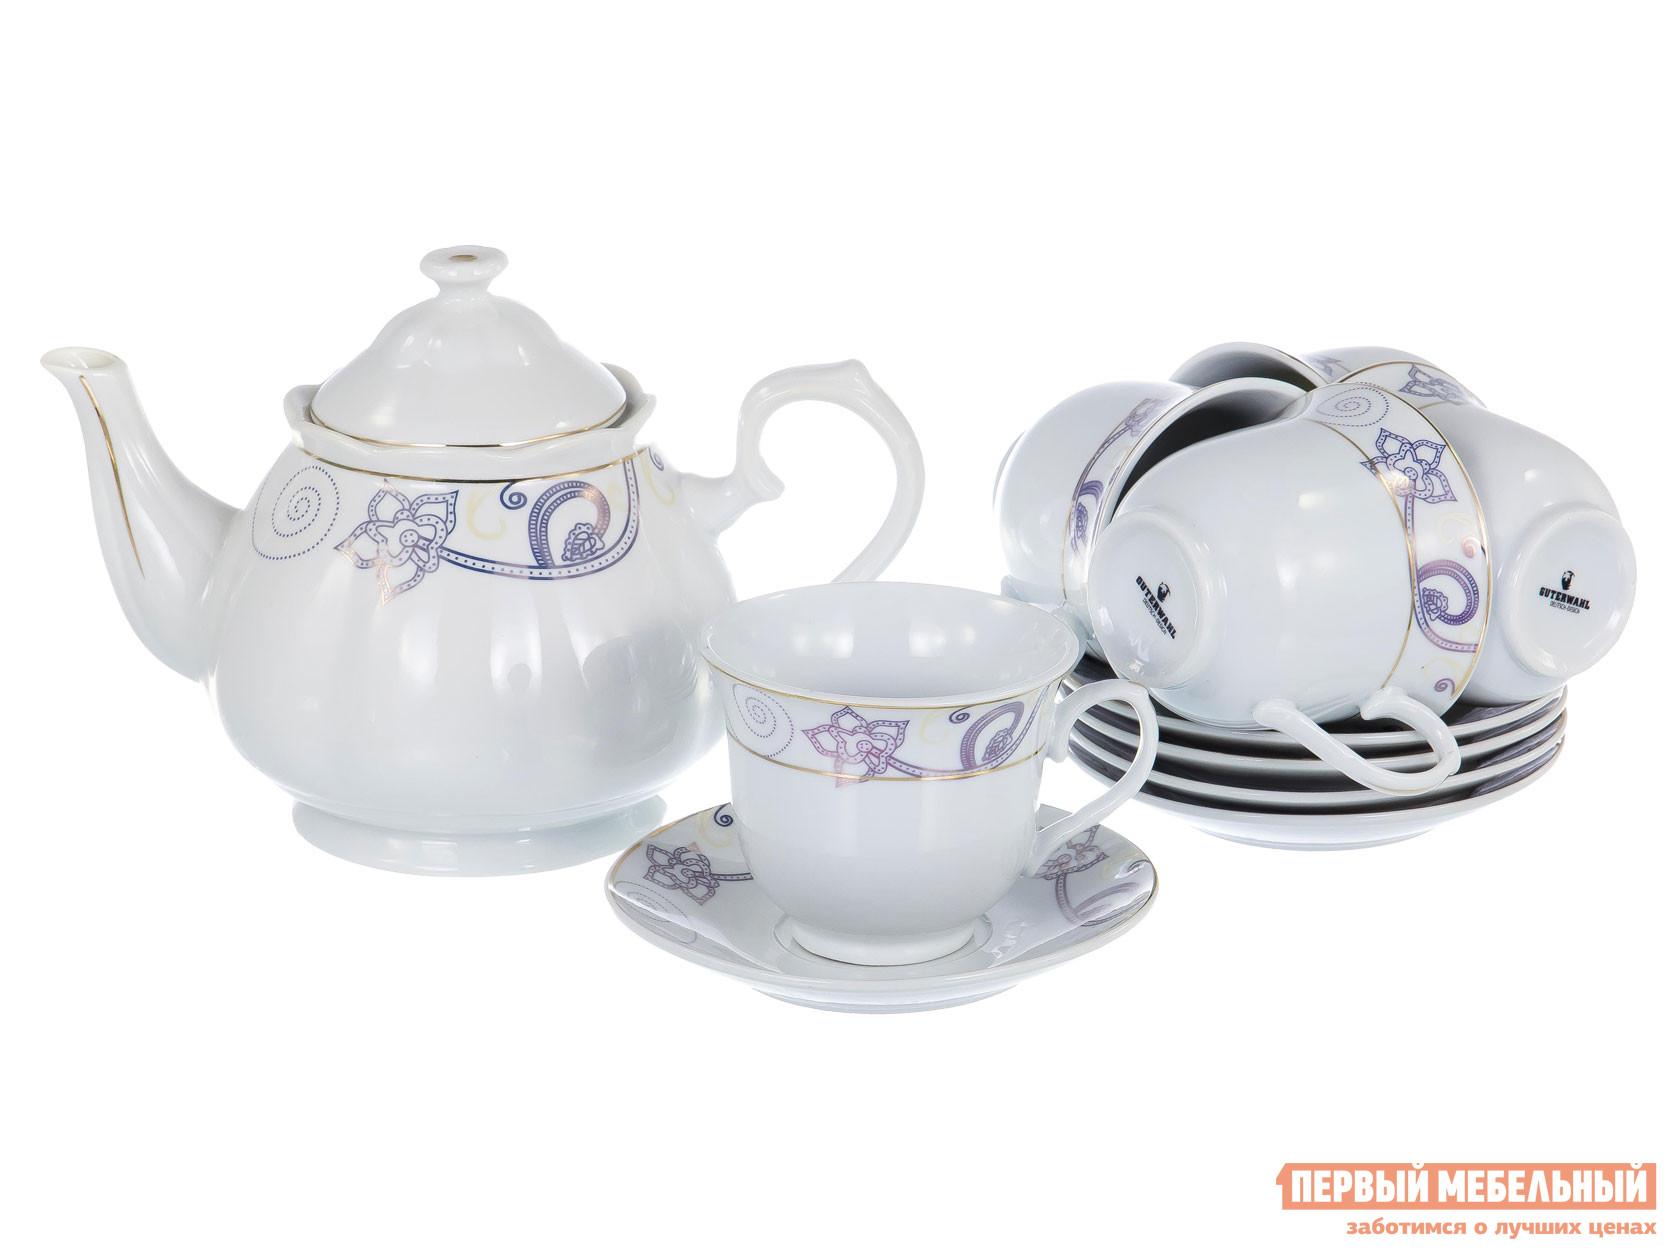 Чайный сервиз Первый Мебельный Алия